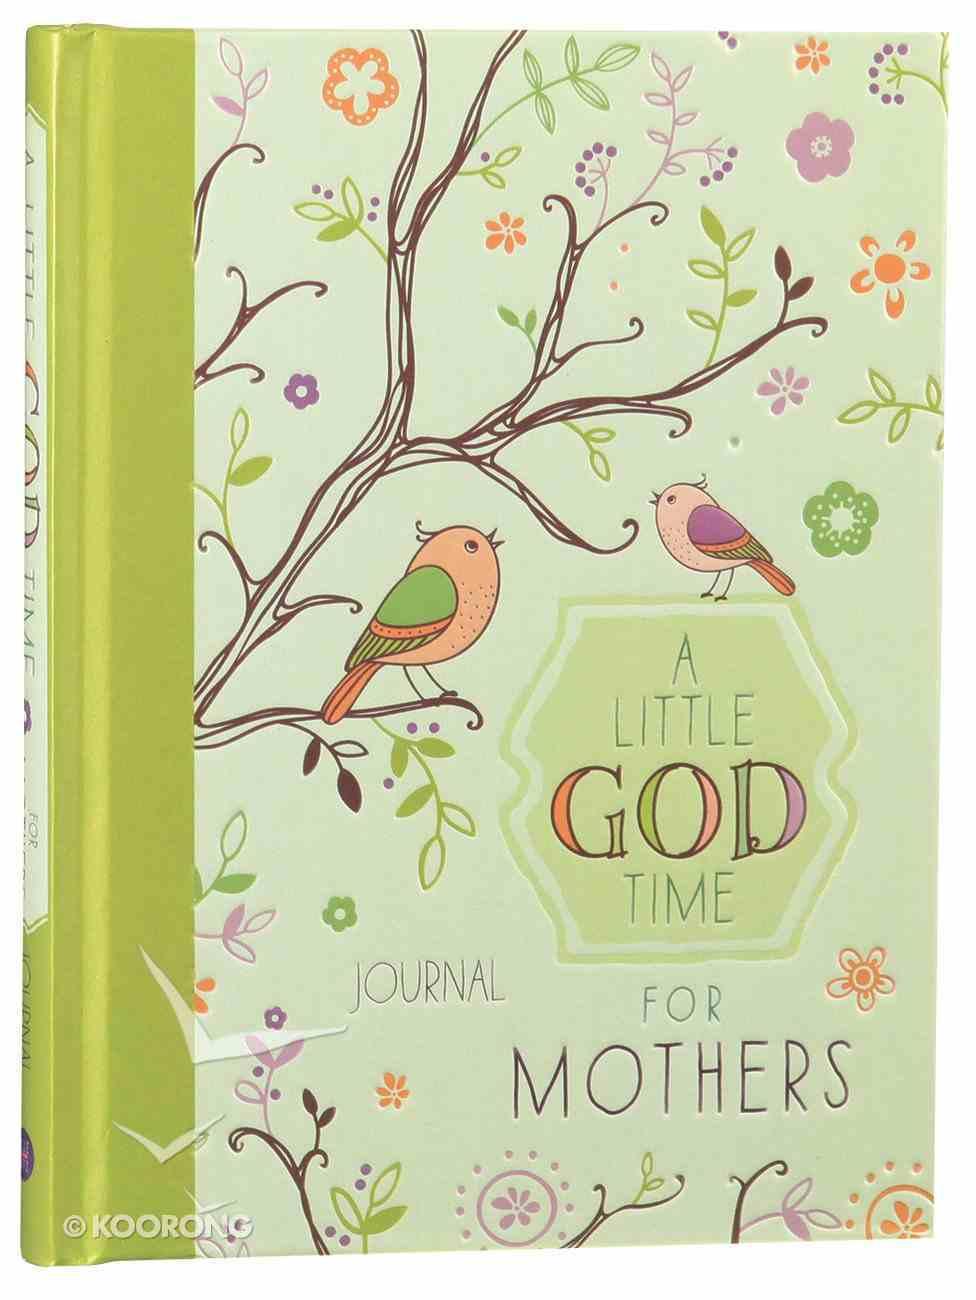 A Little God Time For Mothers (Journal) Hardback